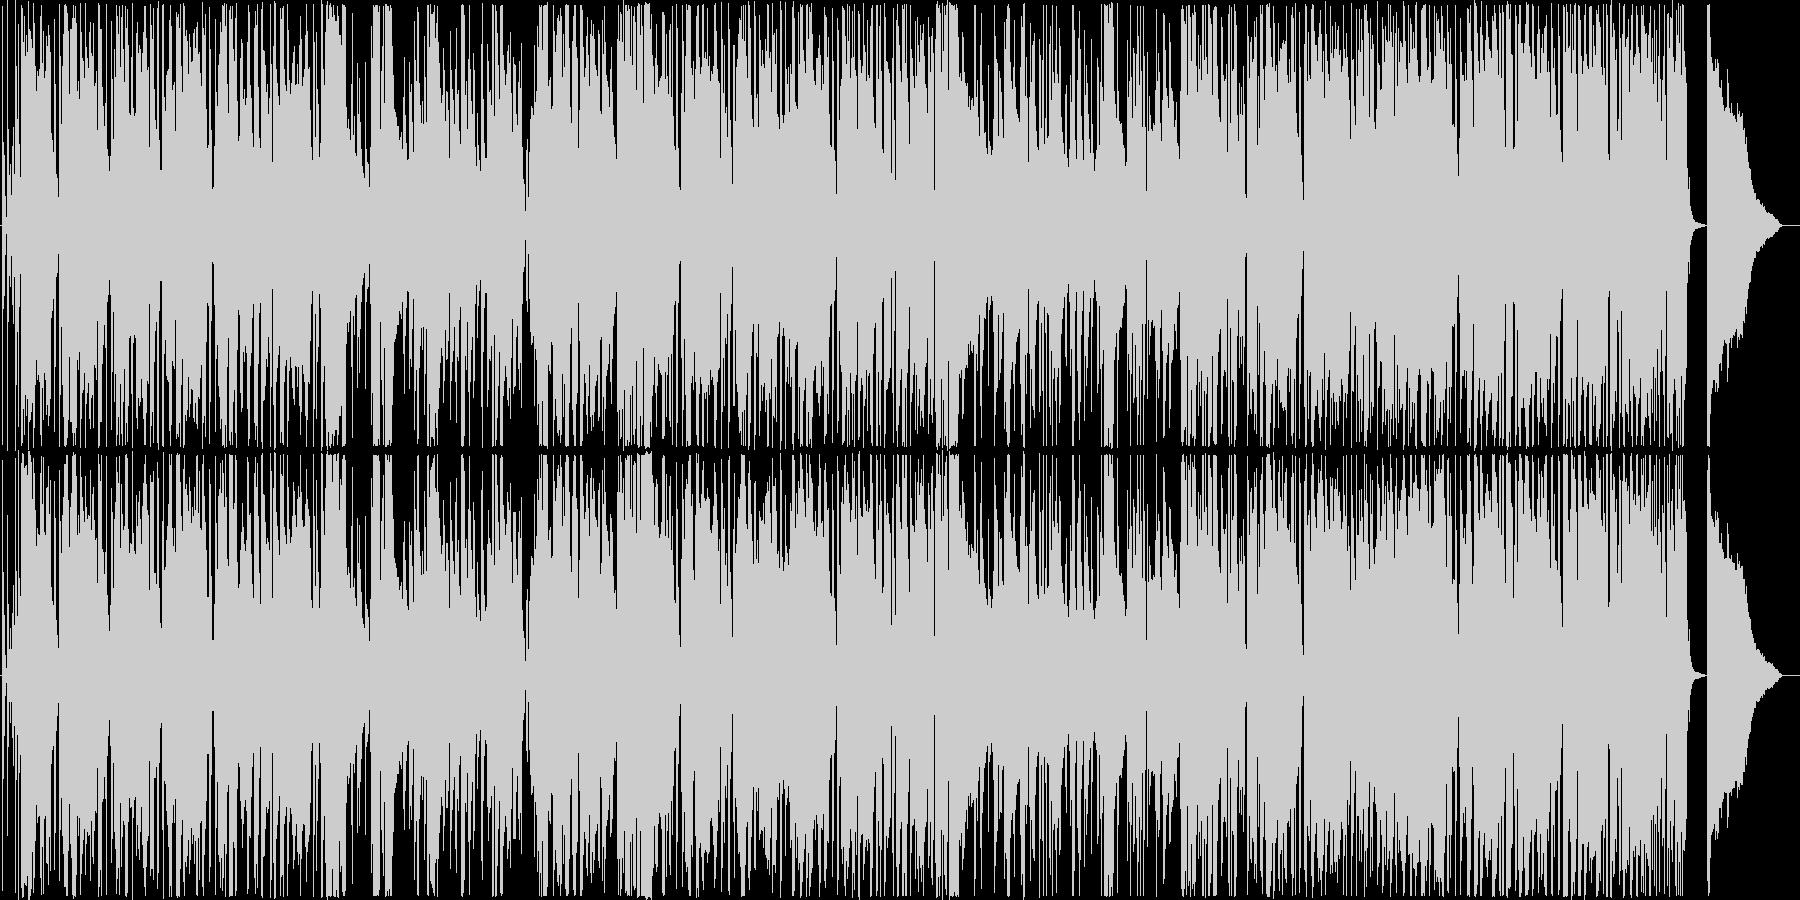 ジャジーなファンクナンバーの未再生の波形